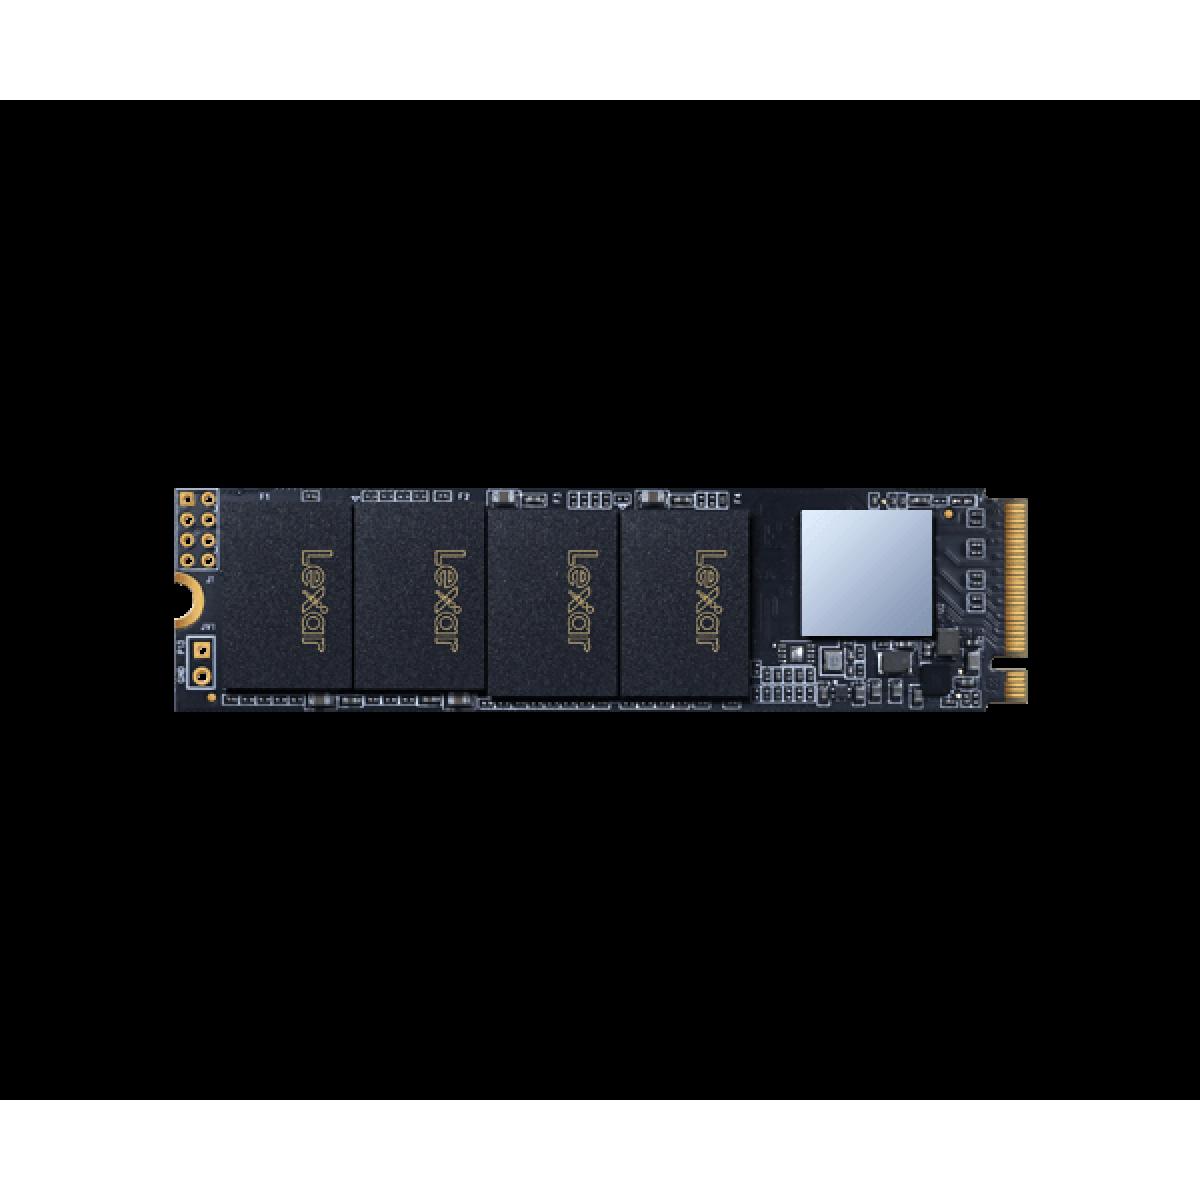 SSD Lexar NM610, M.2 NVMe, 500GB, Leitura 2100 MB/s e Gravação 1600 MB/s, LNM610-500RBNA